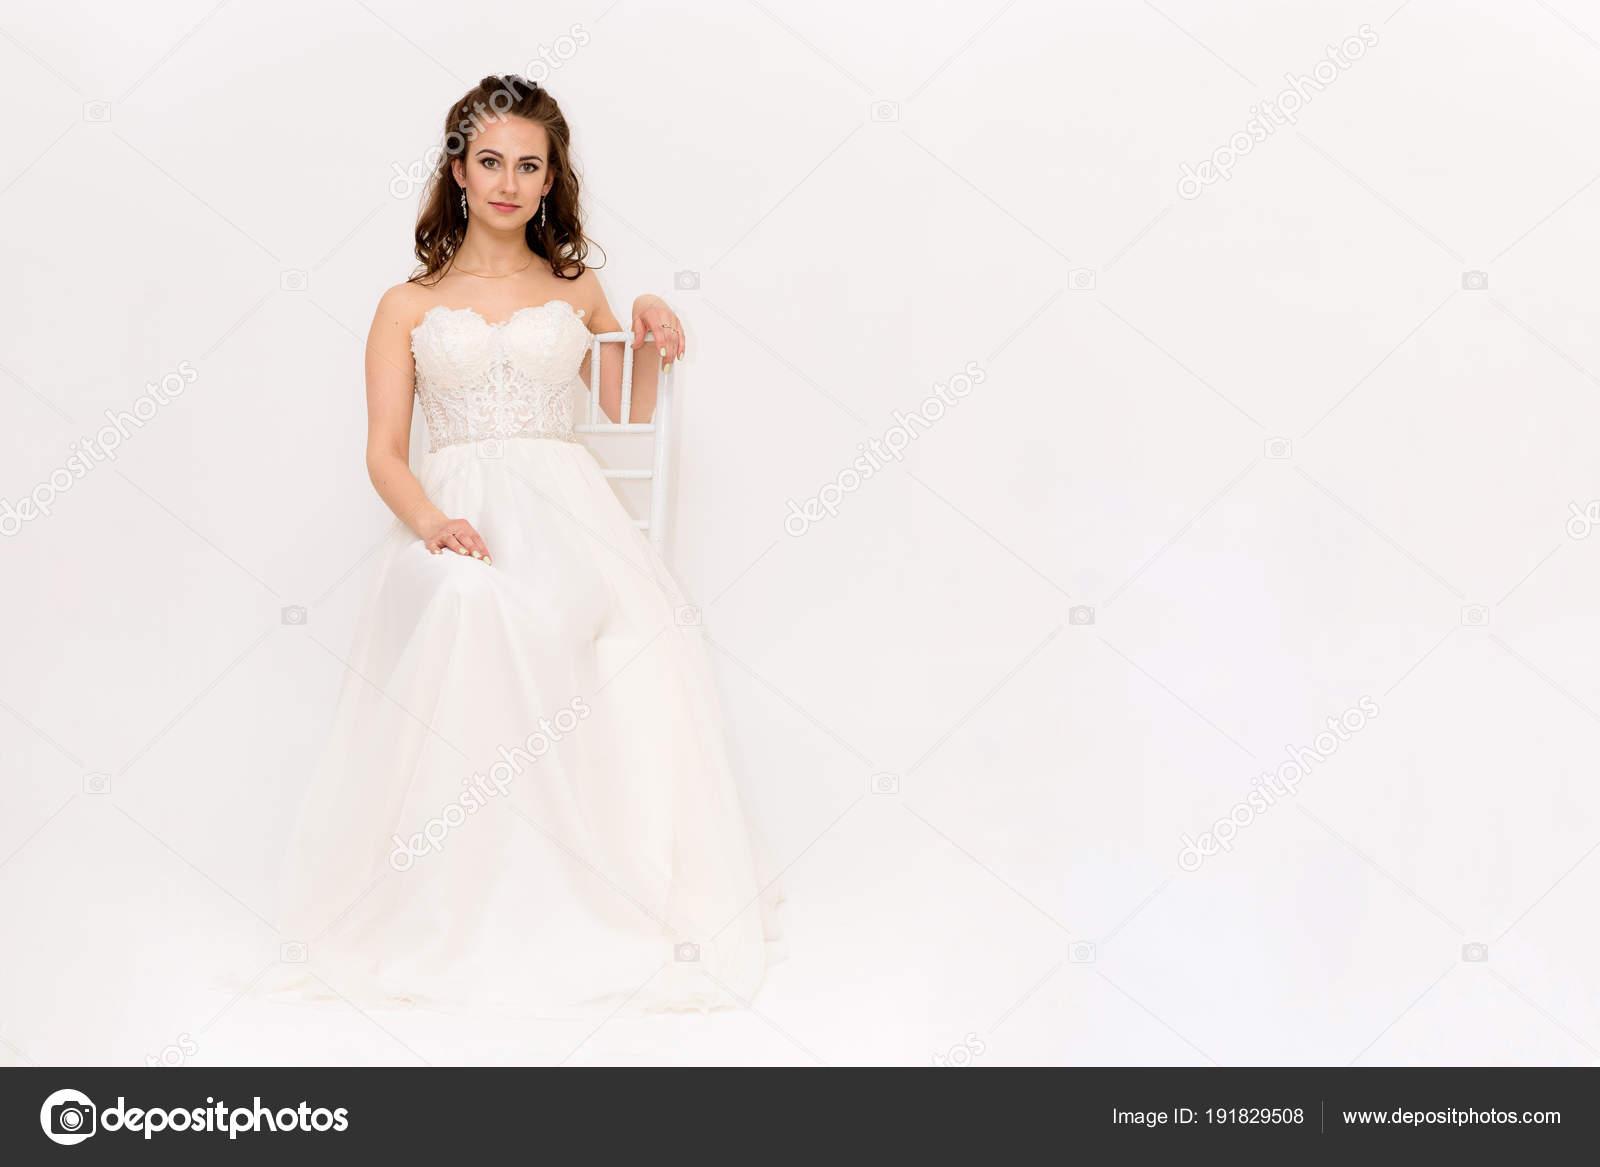 f42e11ed4c608ee Красивая Невеста Белом Свадебном Платье Разных Позах Белом Фоне ...